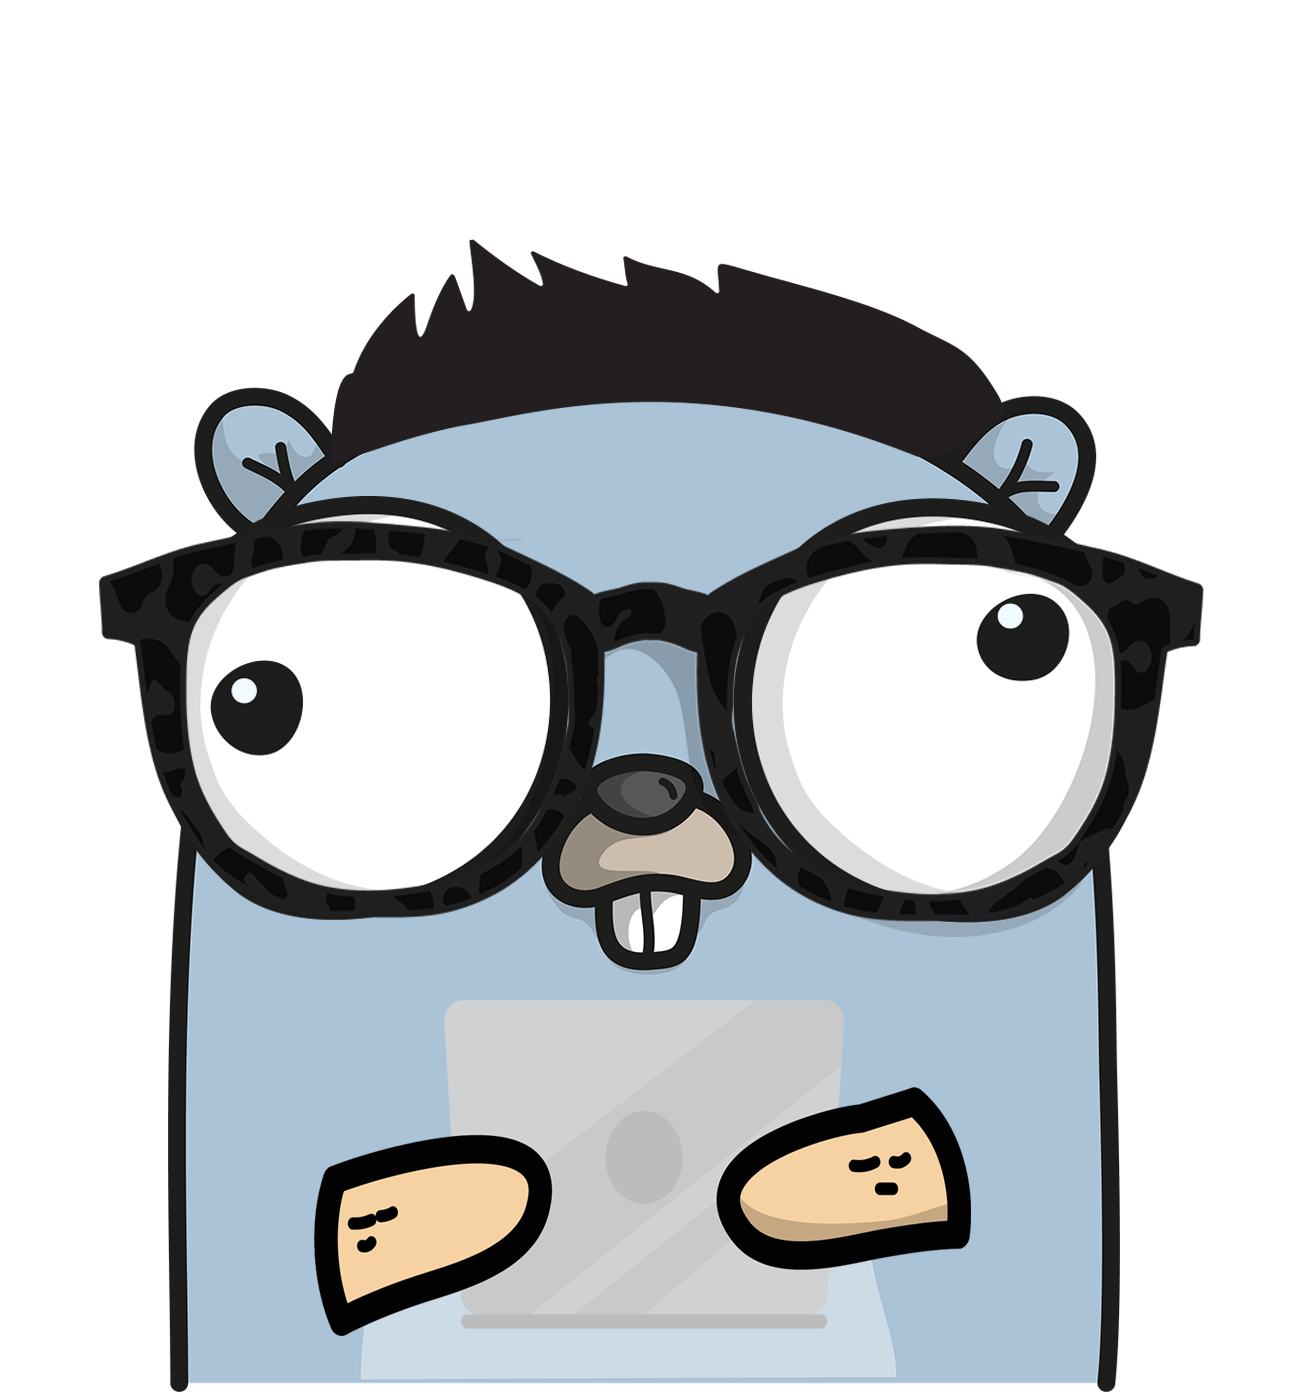 facial-recognition · GitHub Topics · GitHub